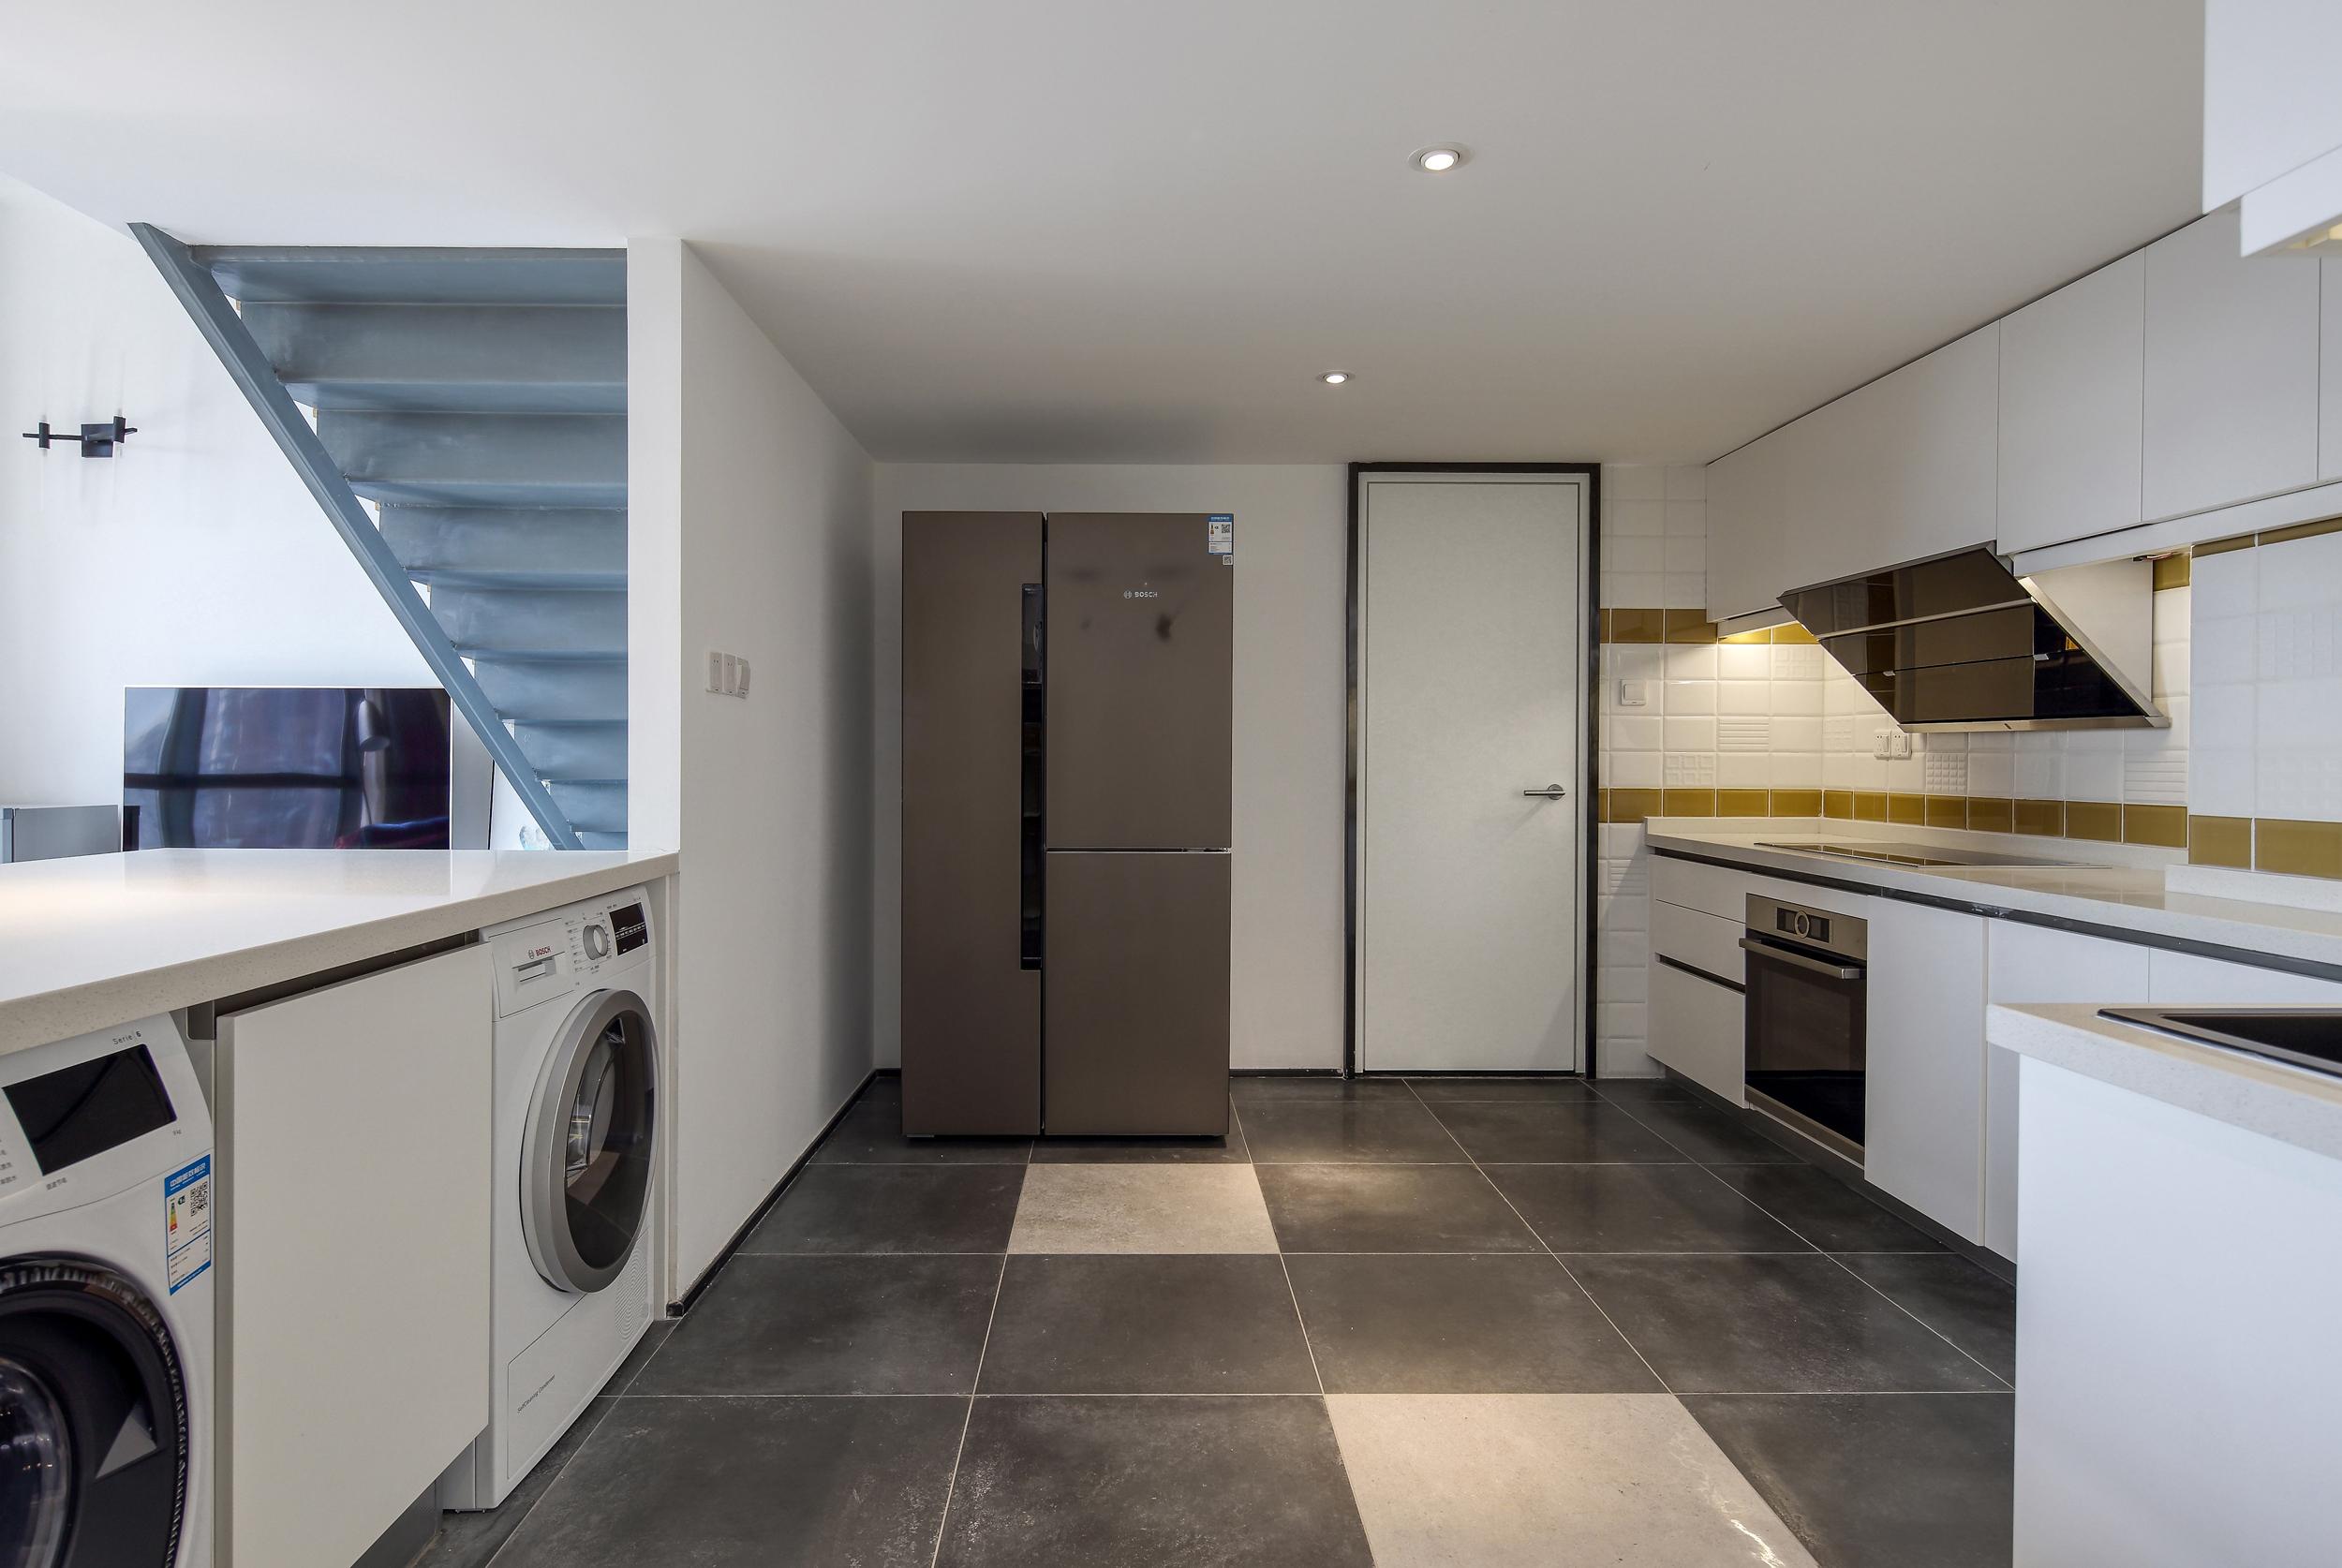 厨房装修效果图2018,厨房装修效果图2018案例_2018图